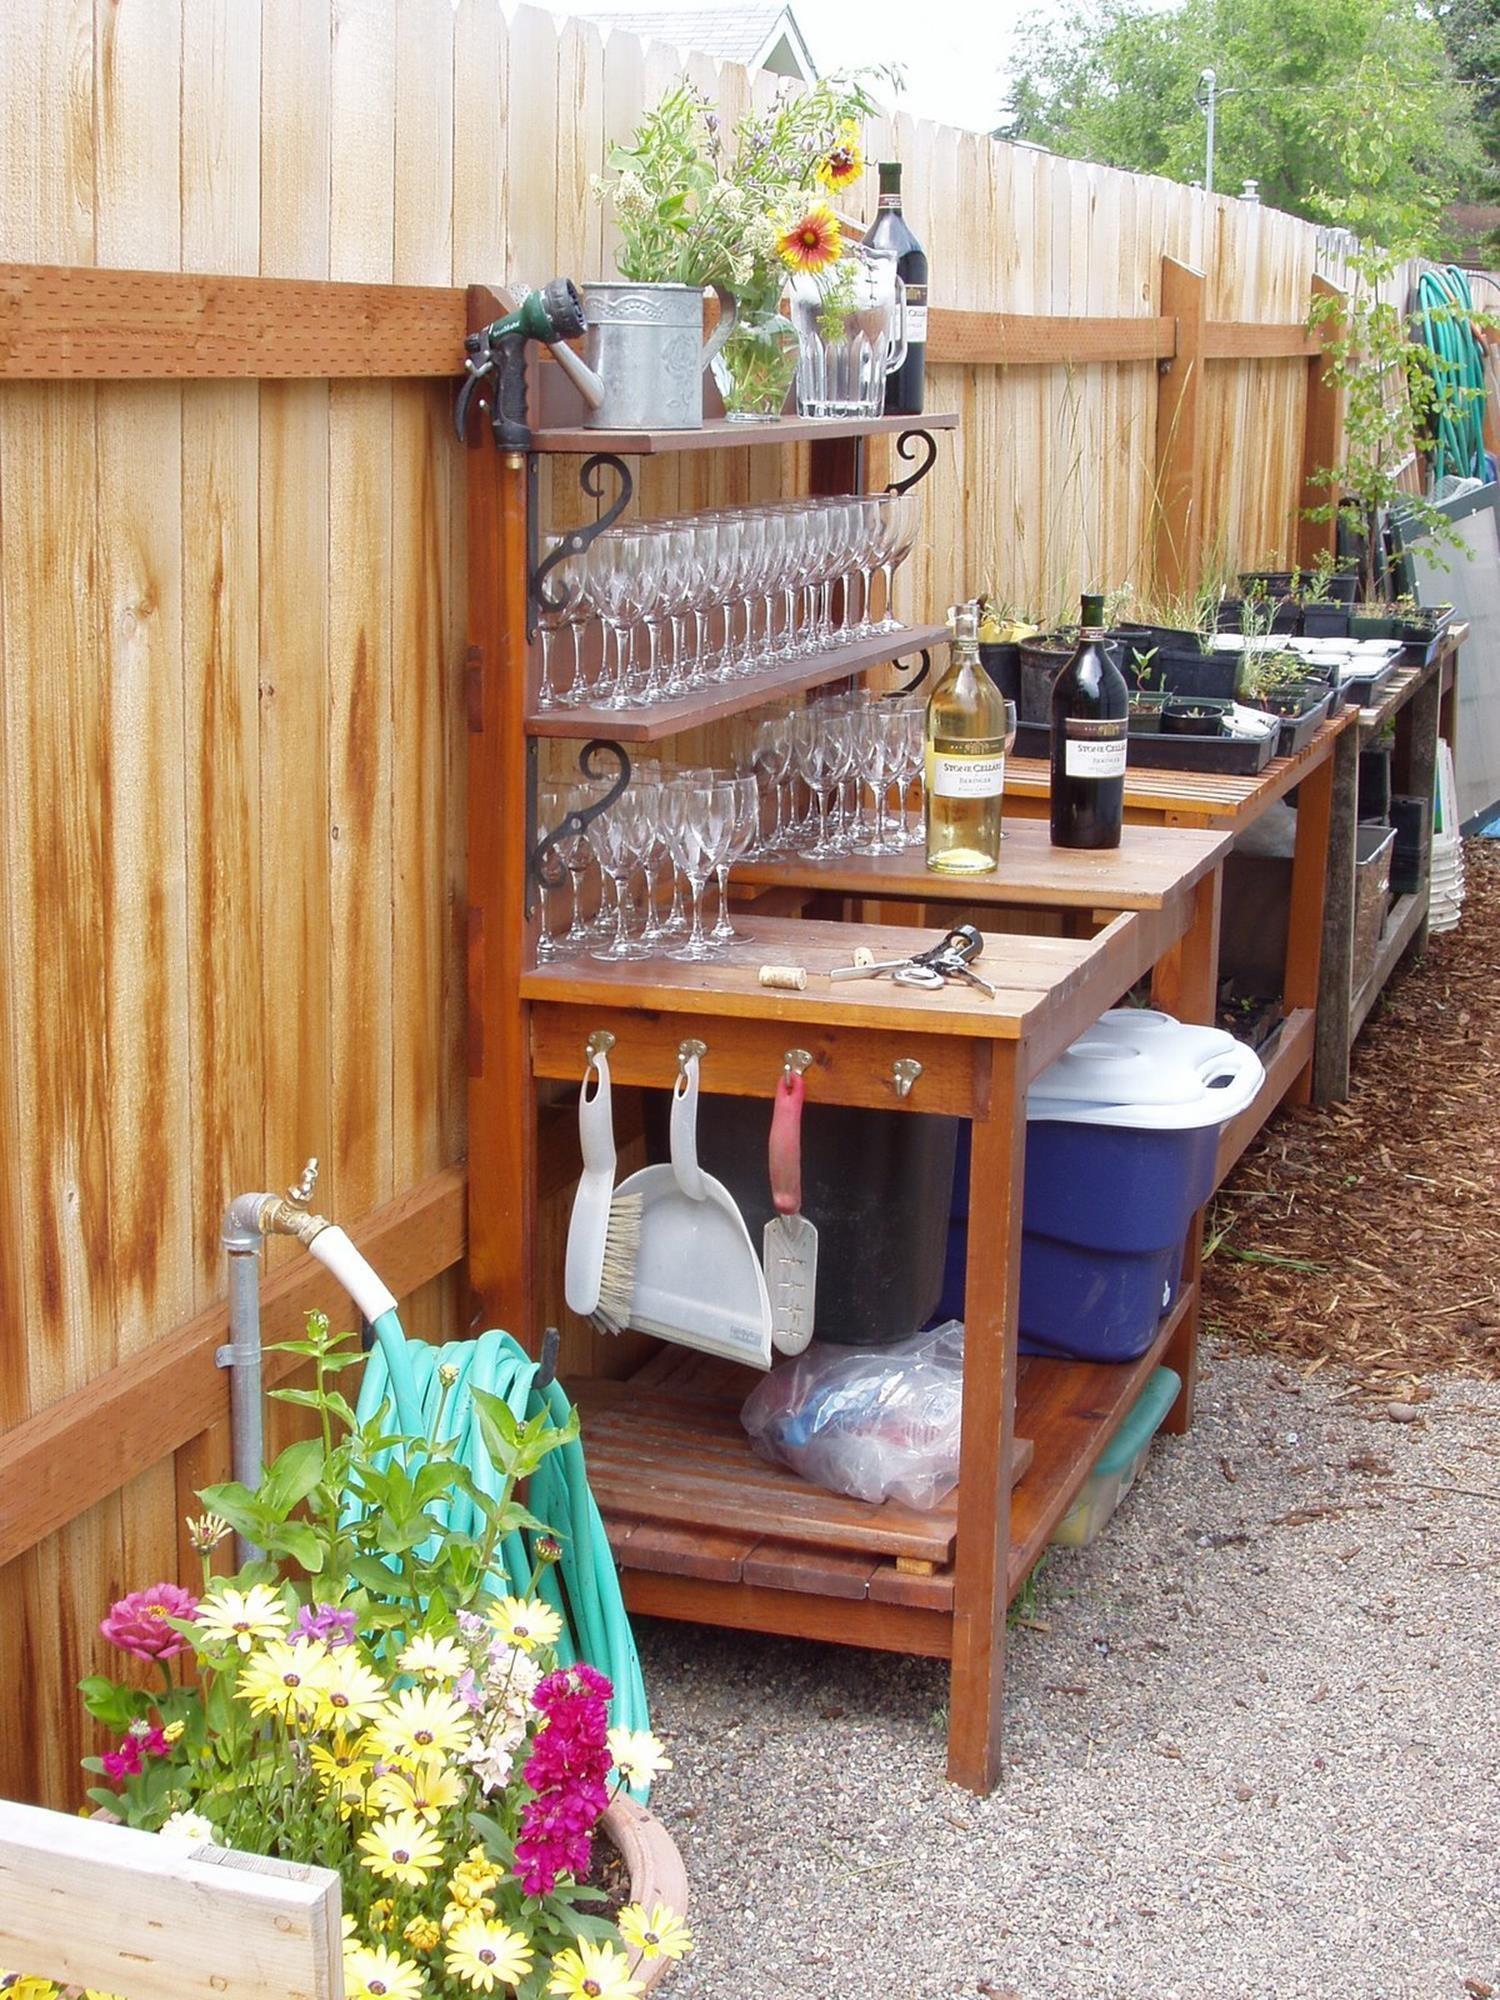 38 Charming Outdoor Garden Potting Bench Design Ideas Garden